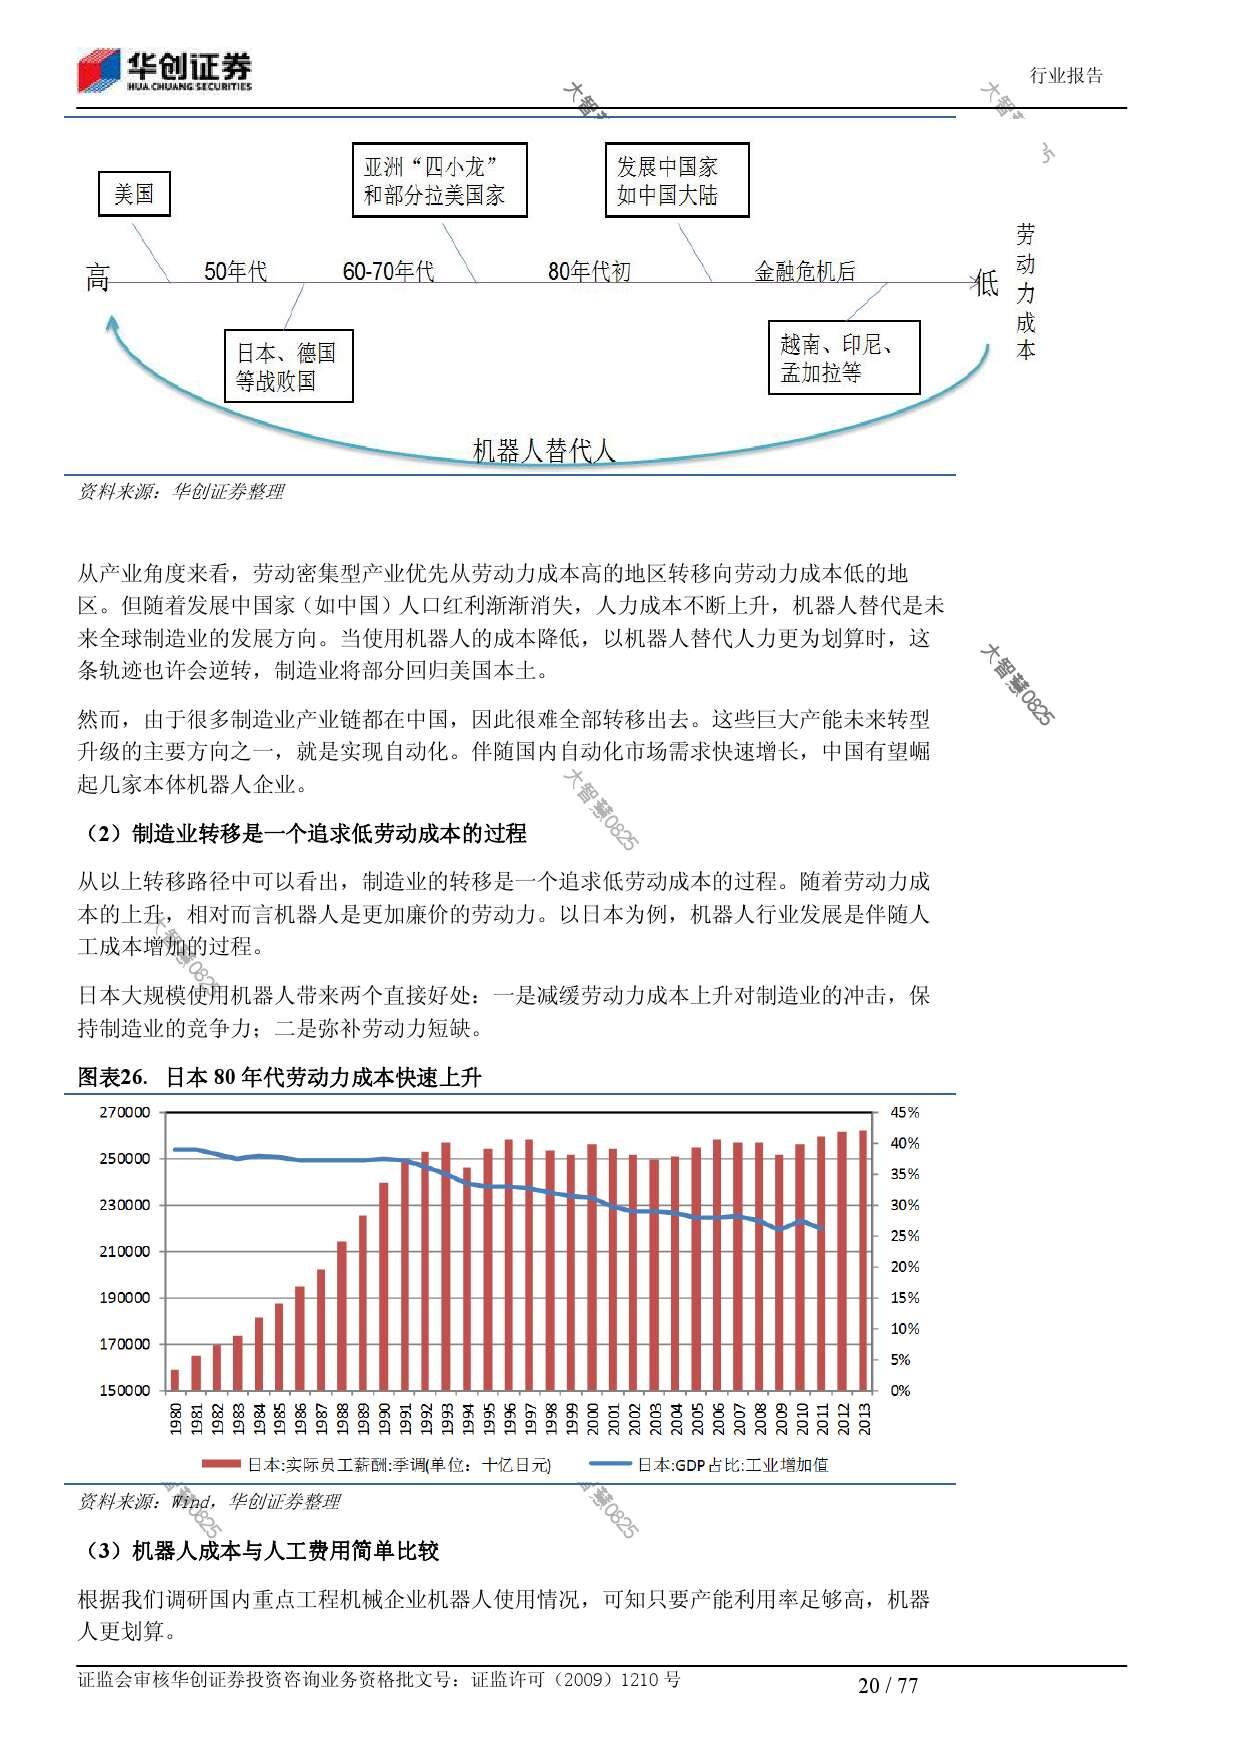 行业研究_华创证券_刘国清,鲁佩_机械设备:机器人大趋势_2014021_000020